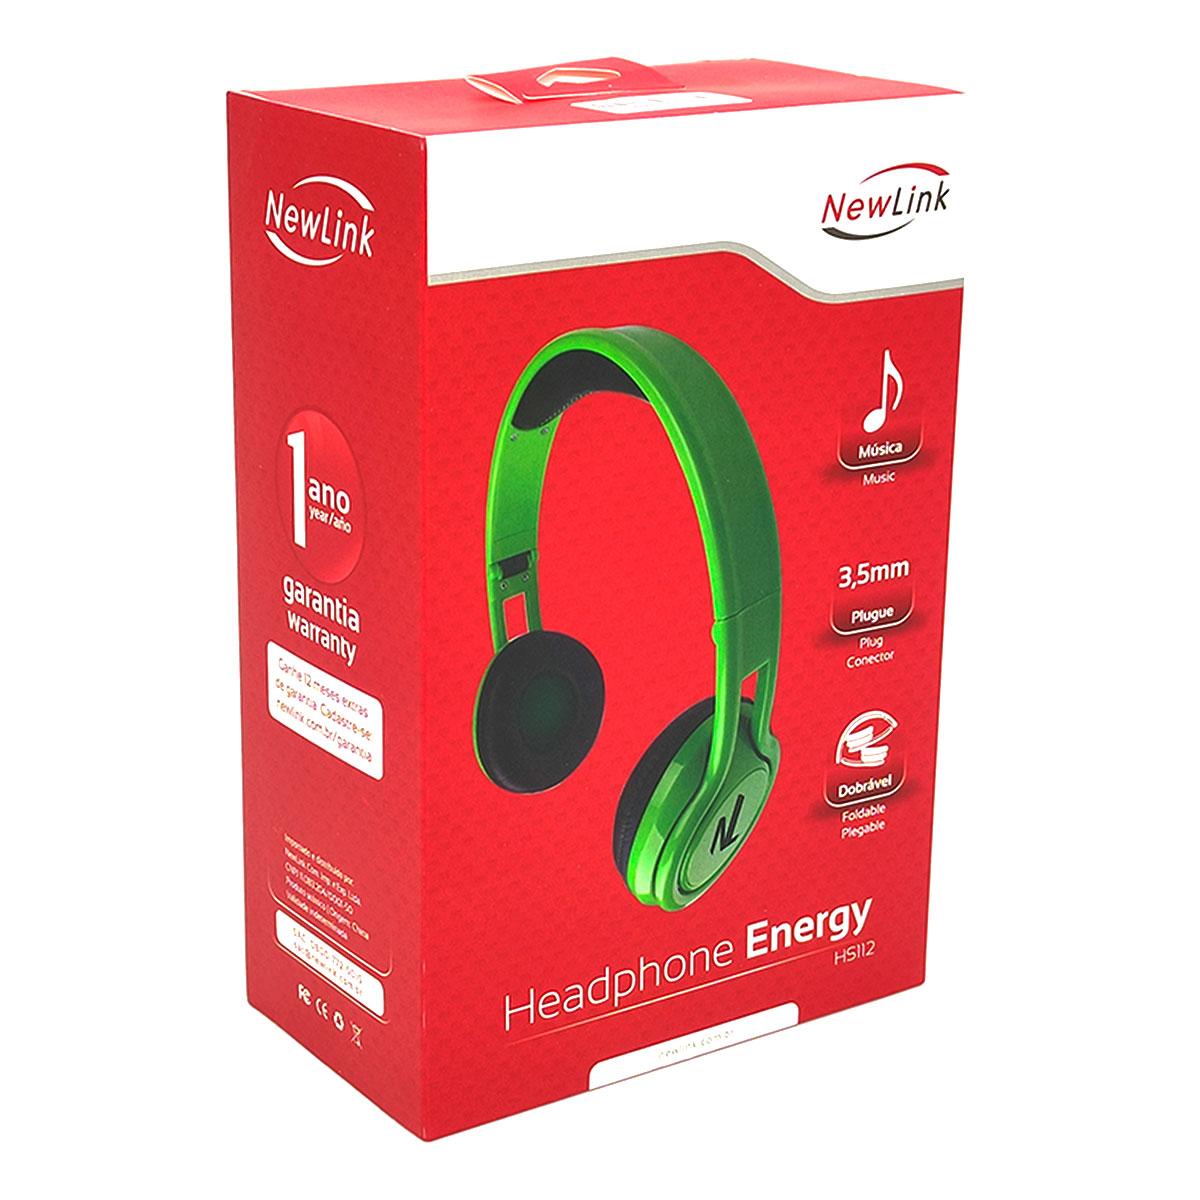 Fone de Ouvido NewLink Energy HS112, P2 3.5mm, Dobrável, Verde